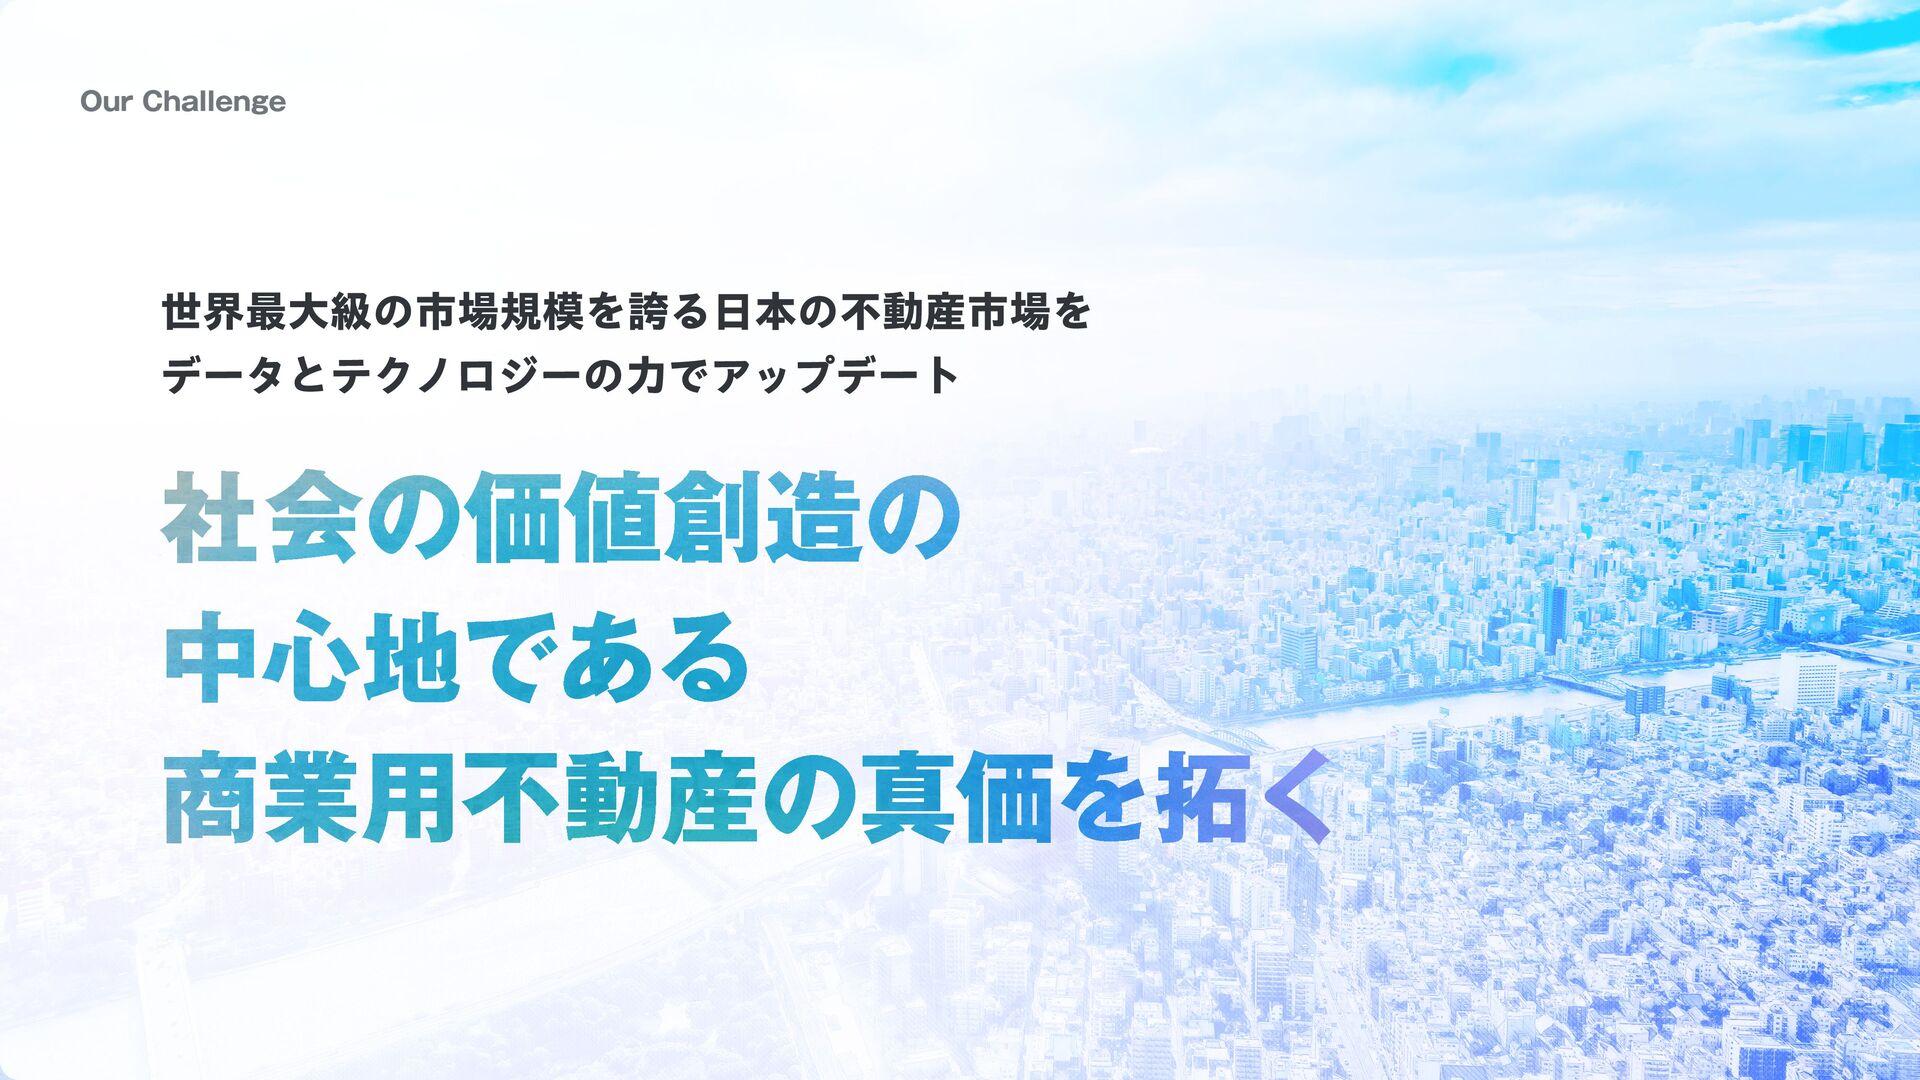 沿革 ©︎ 2020 estie, inc. 7 2018/12 2019/1 2 4 7 ...